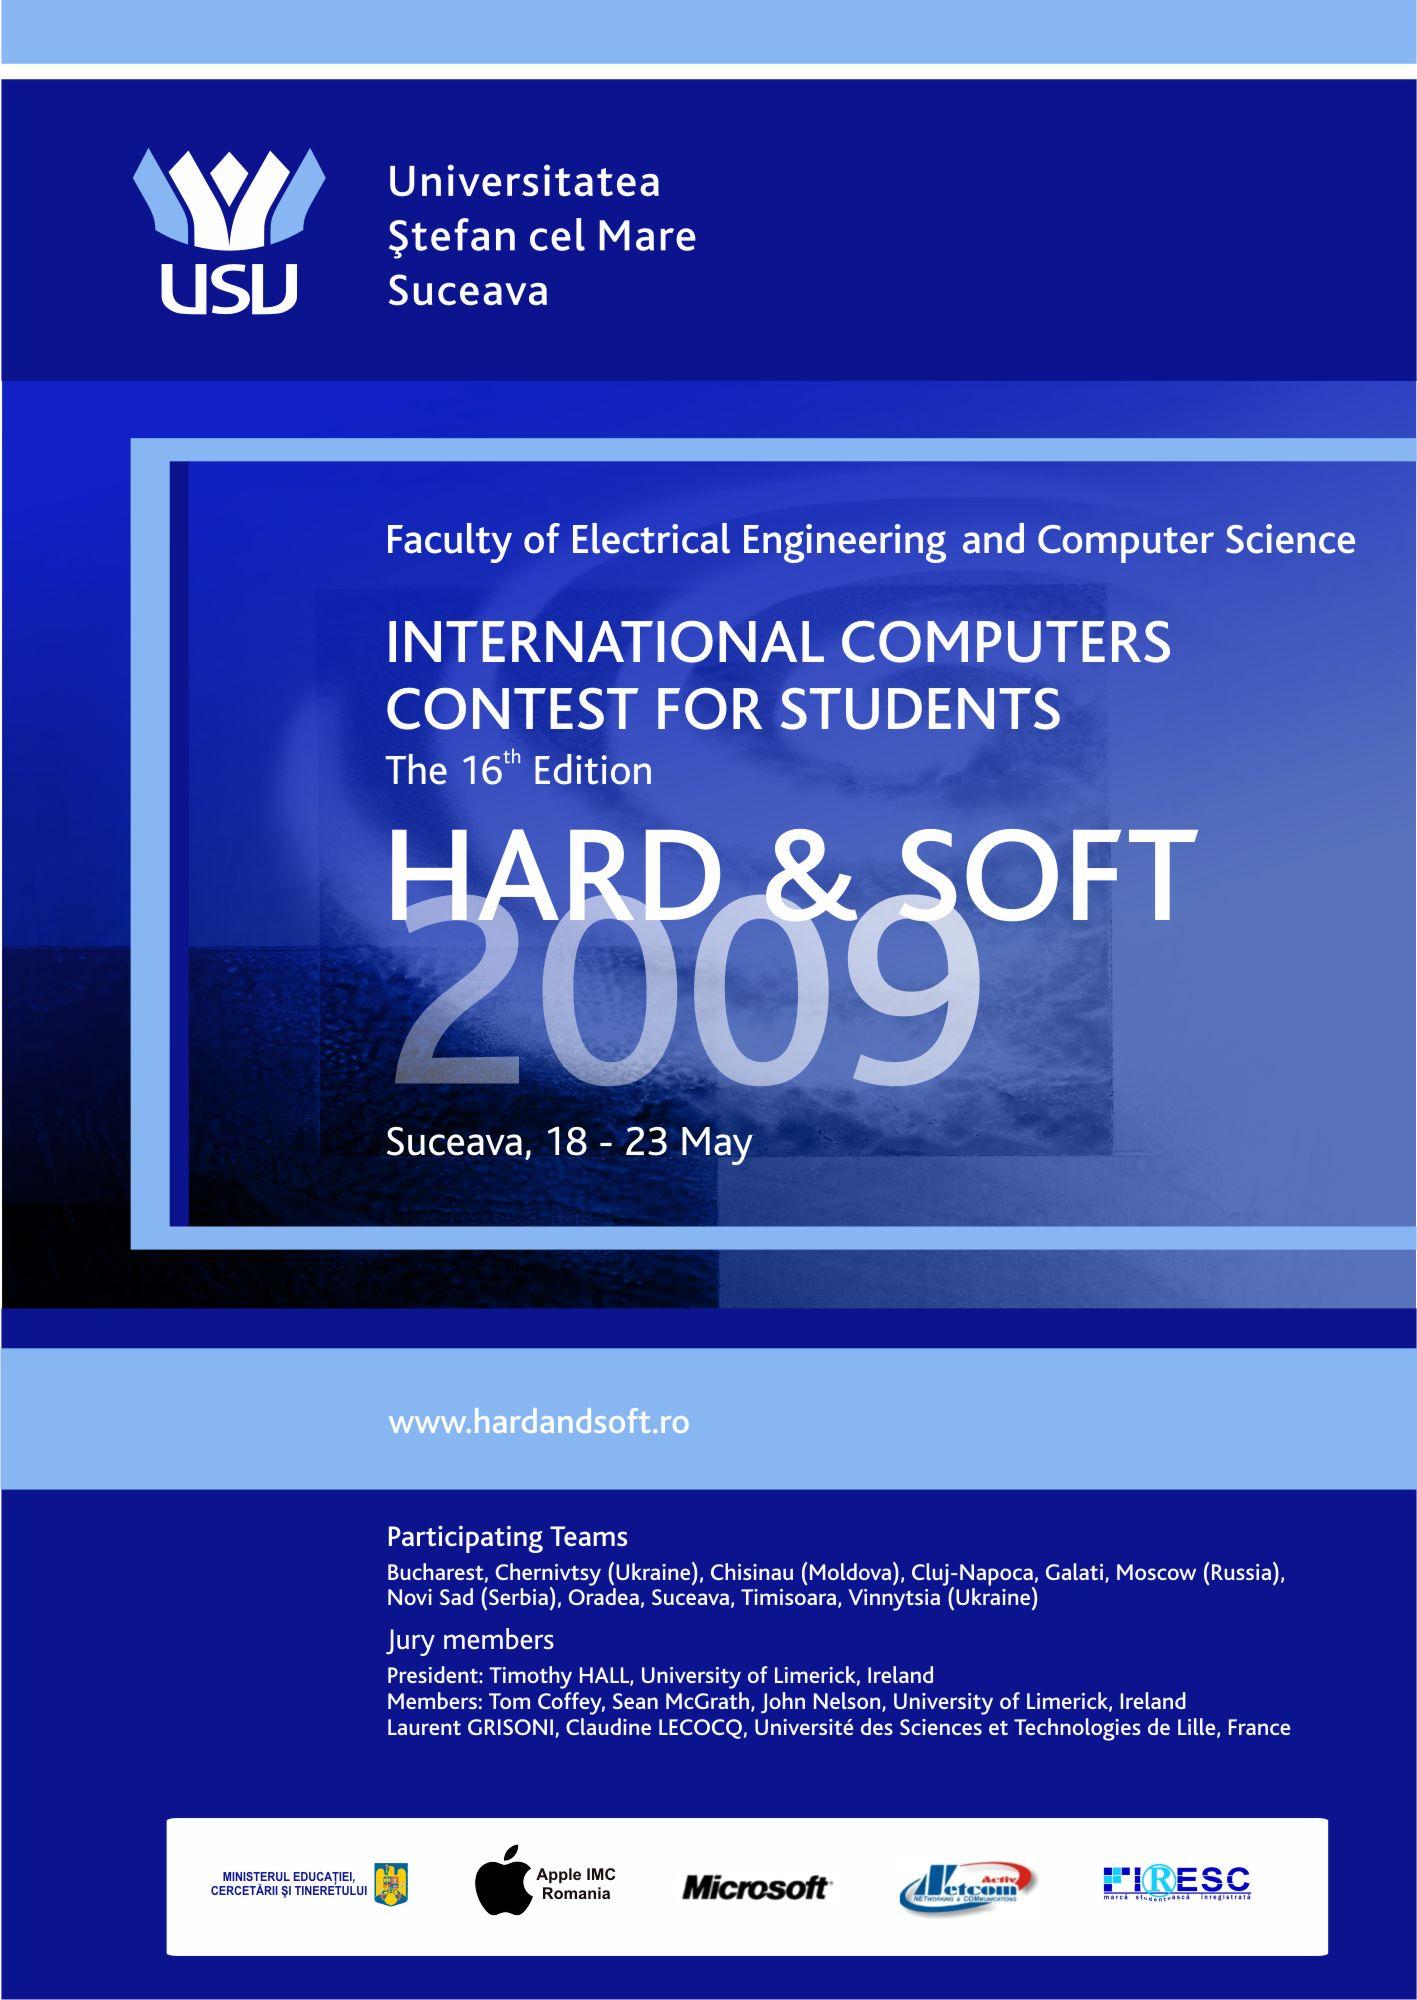 poster_usv_hardsoft2009